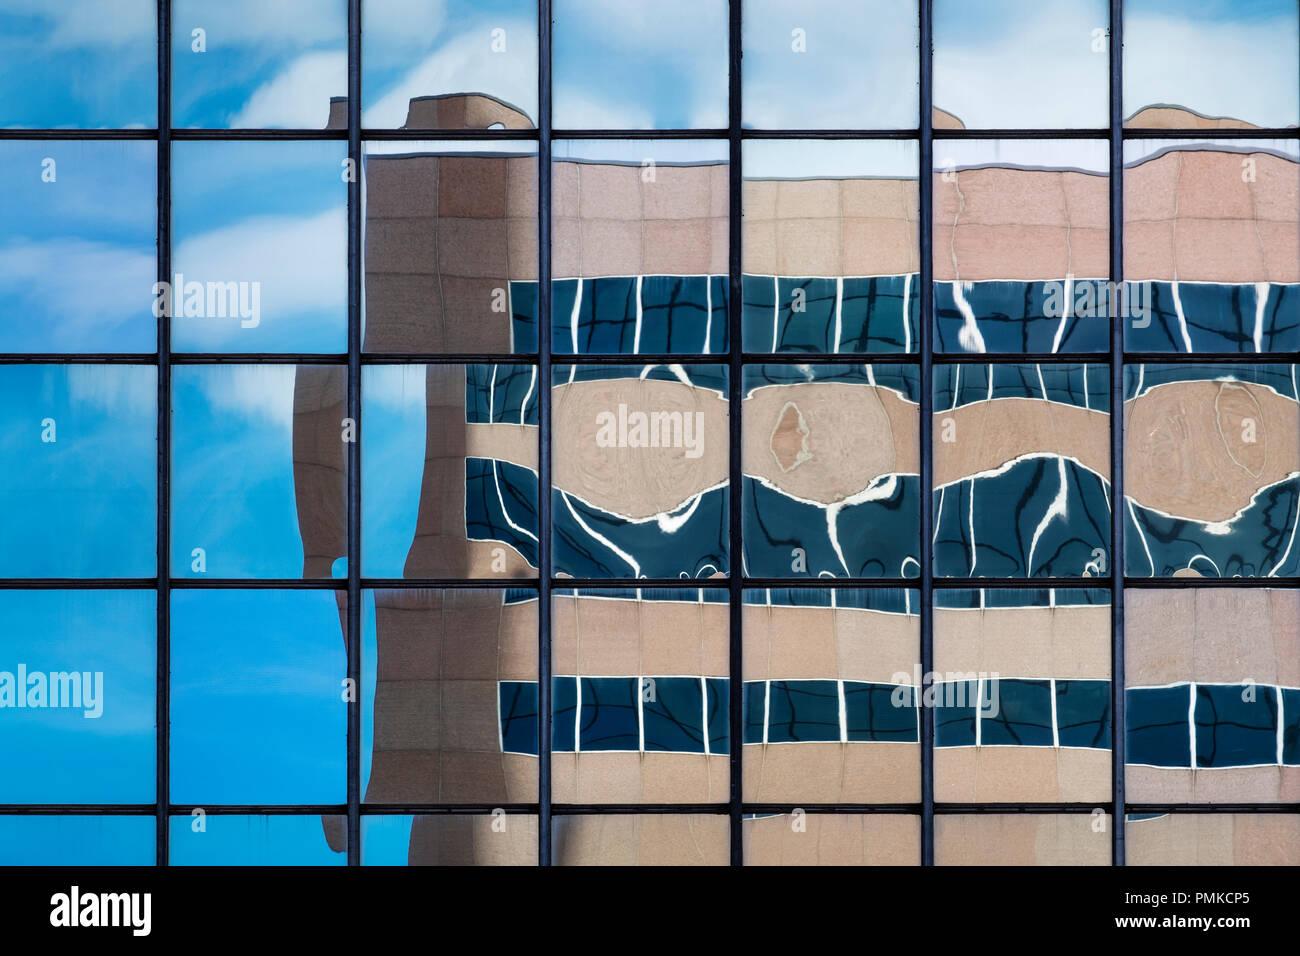 Architettura dettaglio nel blocco di ufficio, Birmingham Alabama. Un riflesso distorto di un blocco di uffici nelle finestre riflettenti di un altro blocco di uffici. Immagini Stock